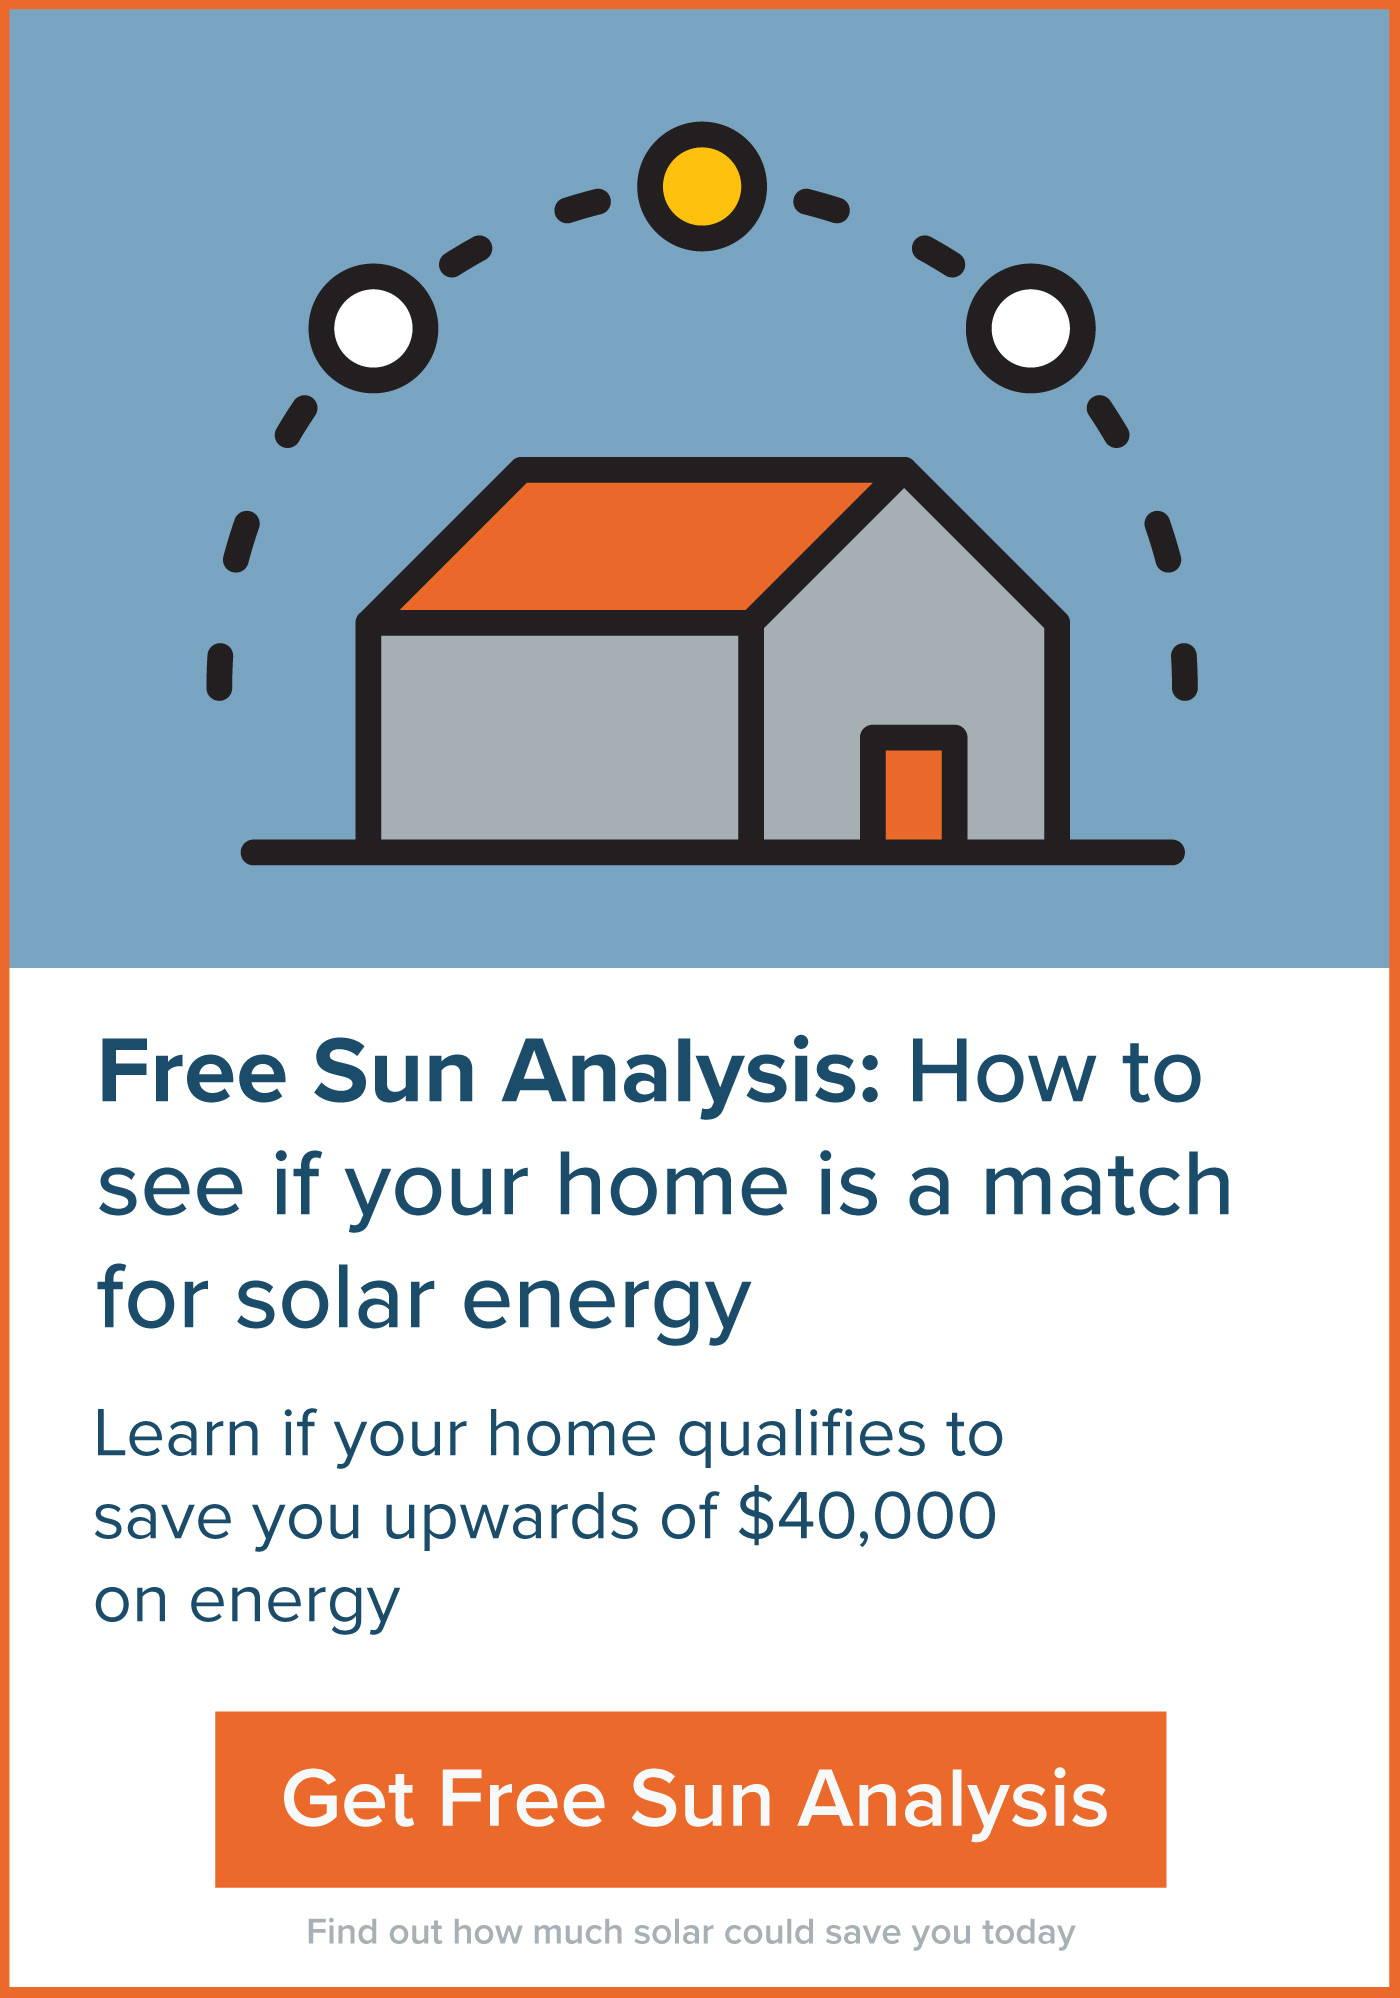 Free sun analysis, click here